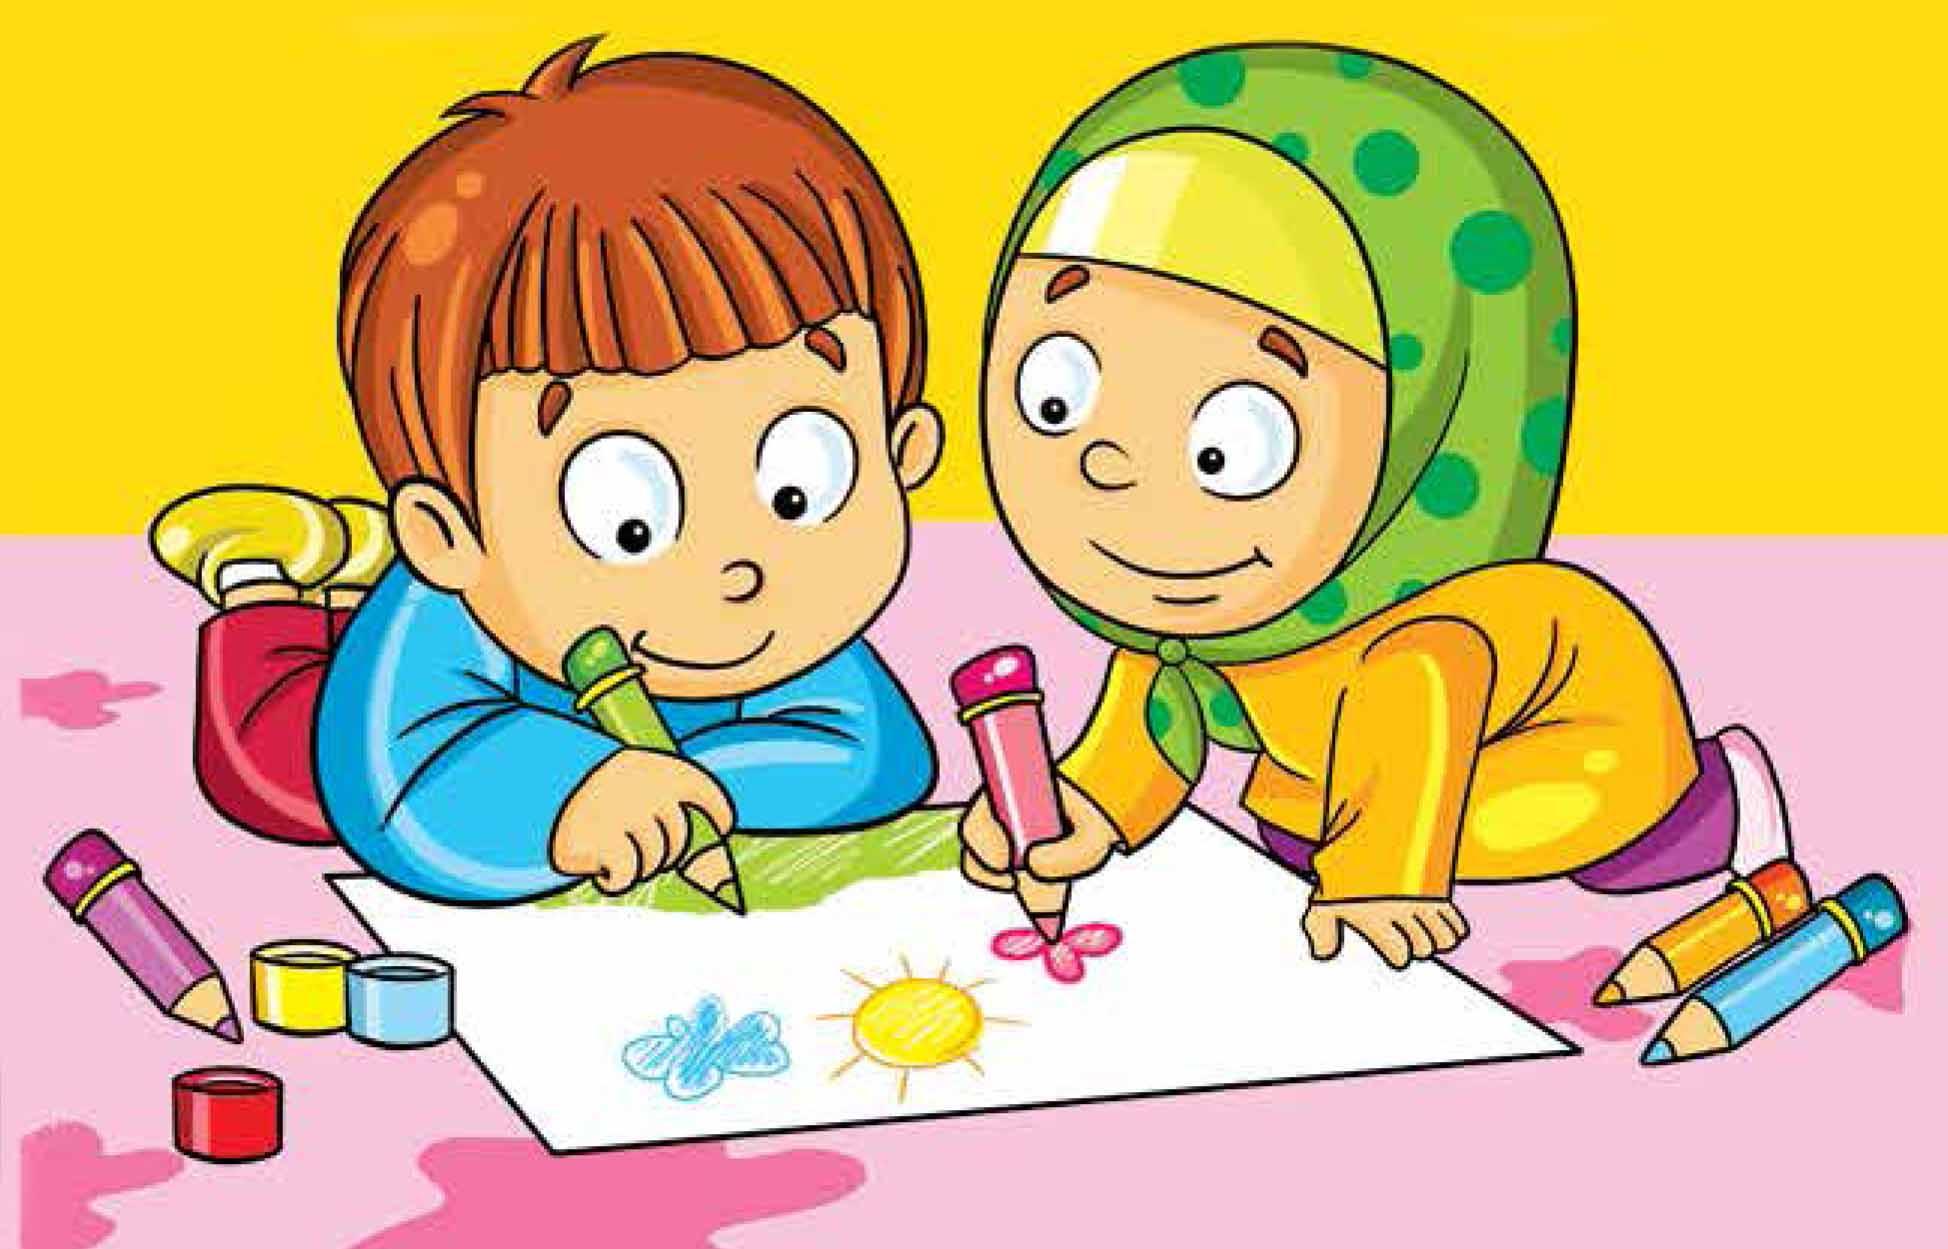 نتیجه تصویری برای مداد رنگی کودکانه